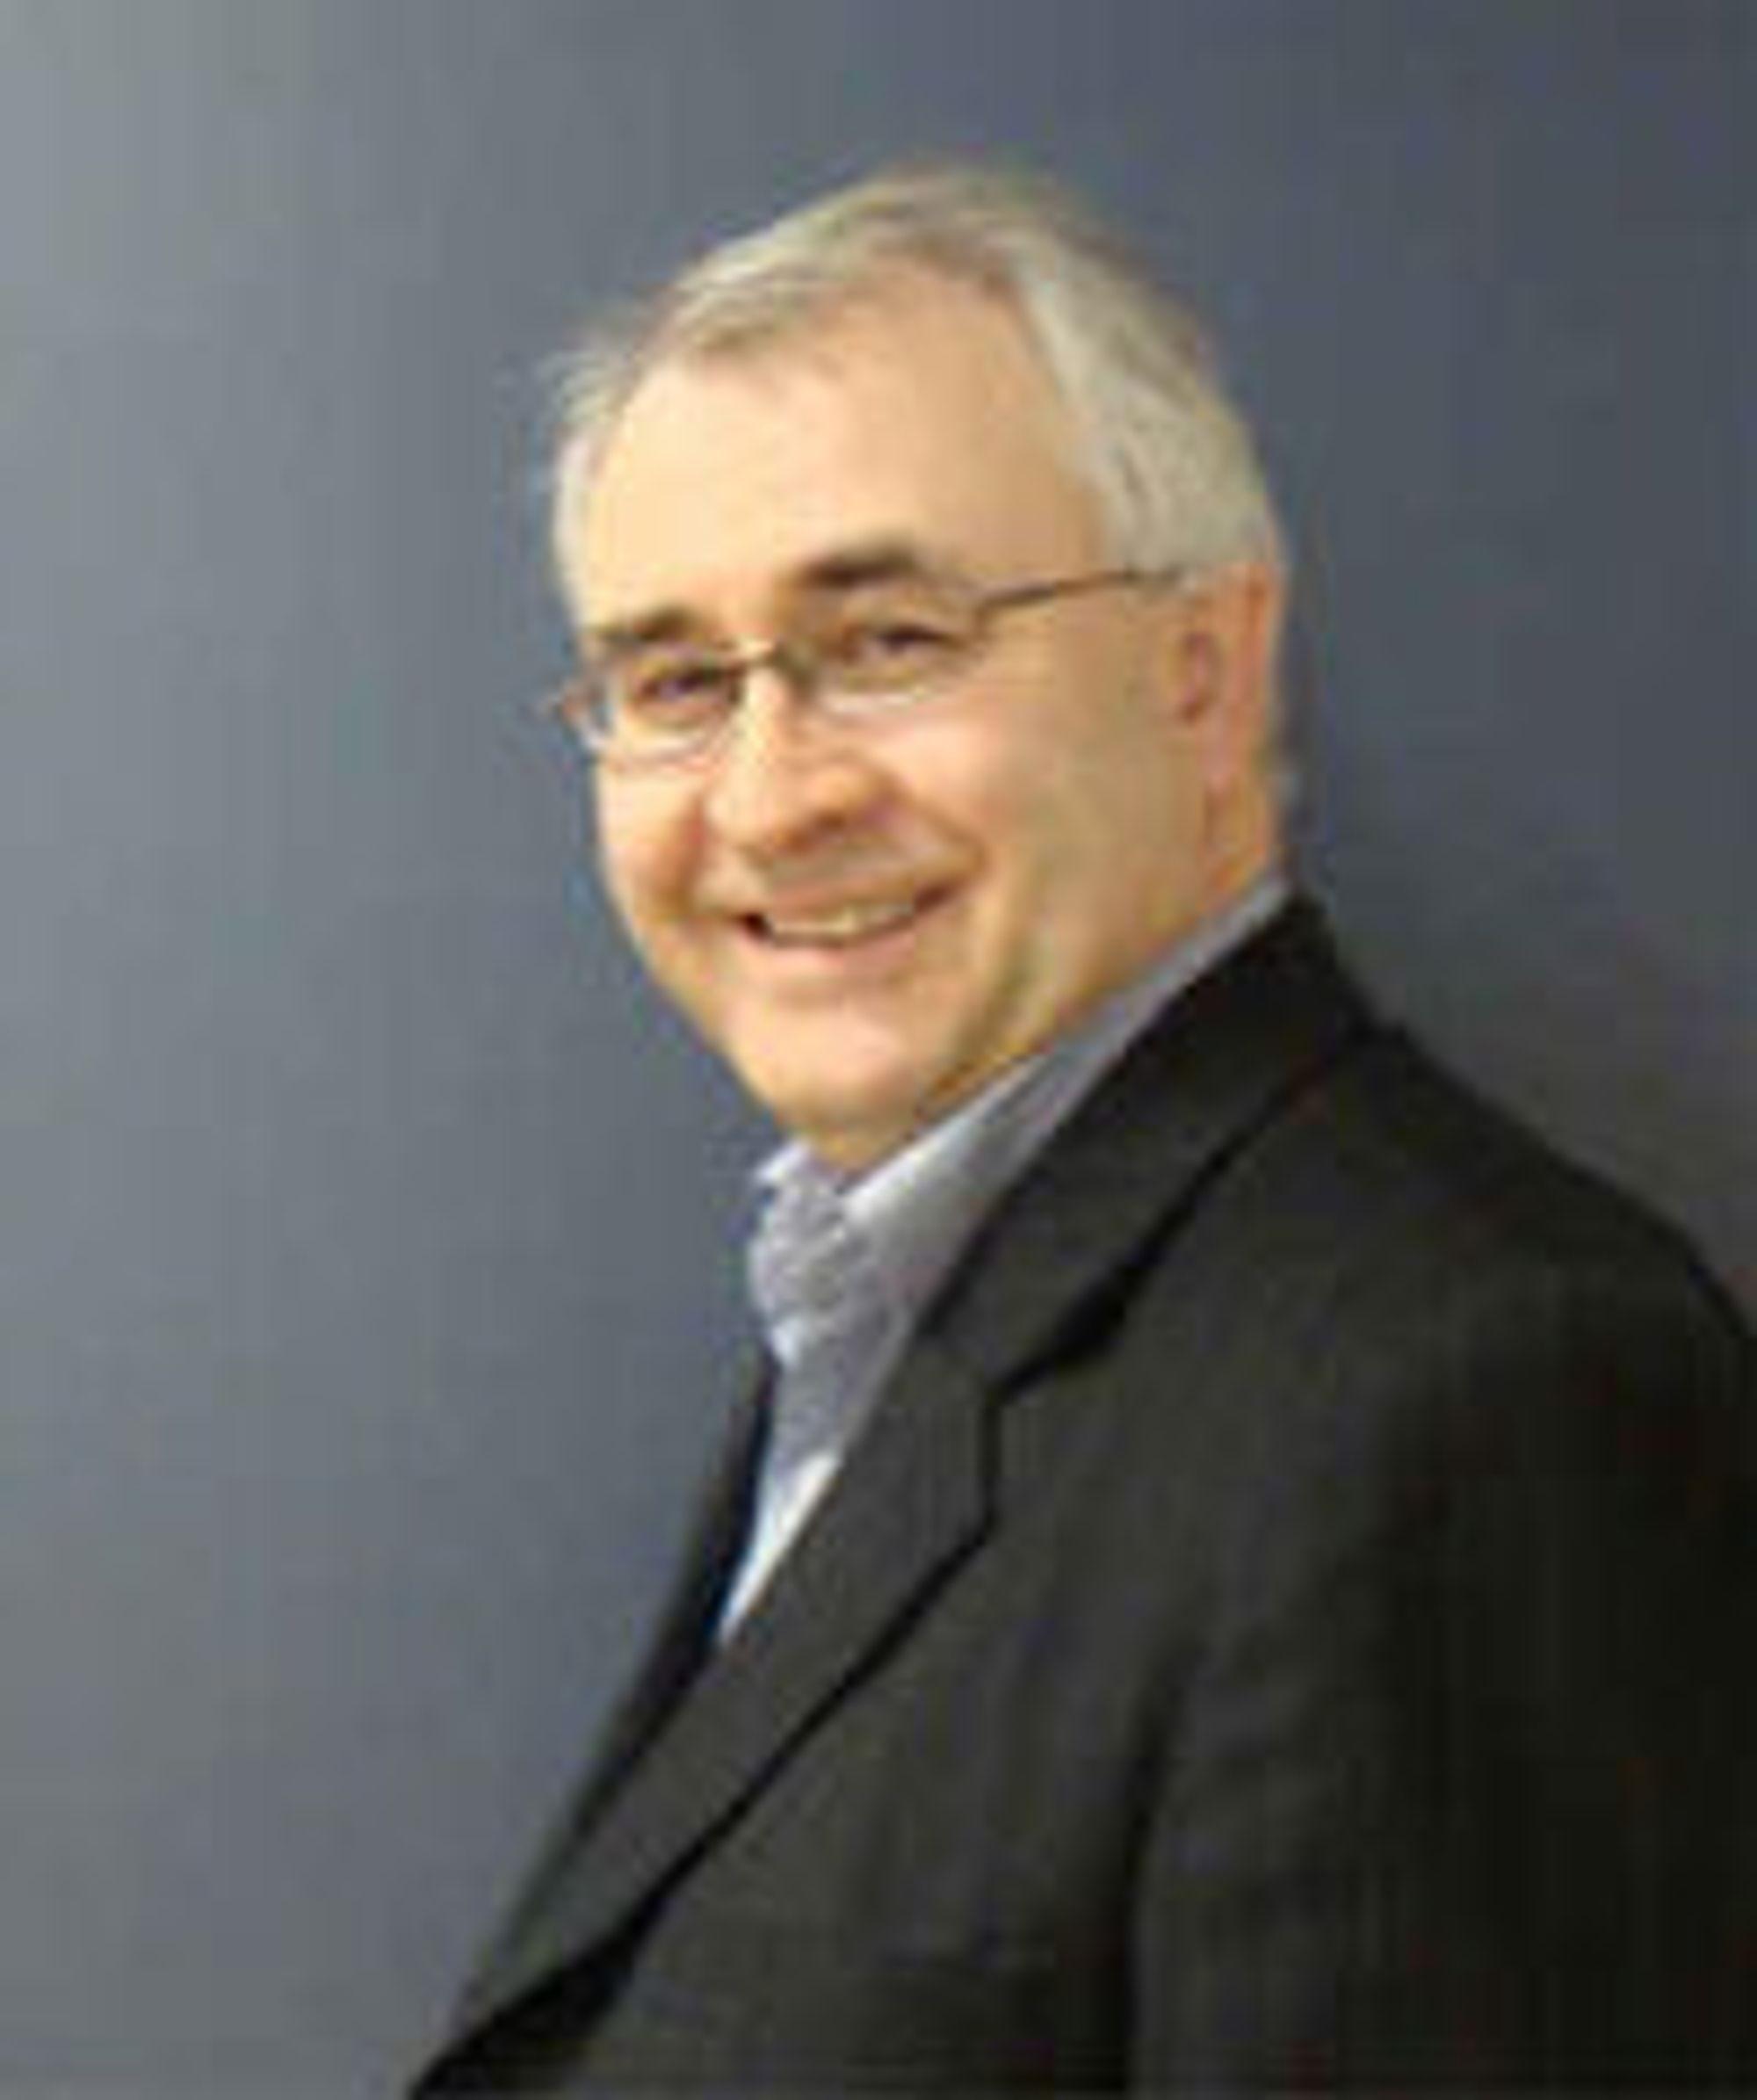 Ole Anton Skipperud kom til IBM i 1985, og fulgte med da Lenovo overtok IBMs pc-avdeling i 2005.